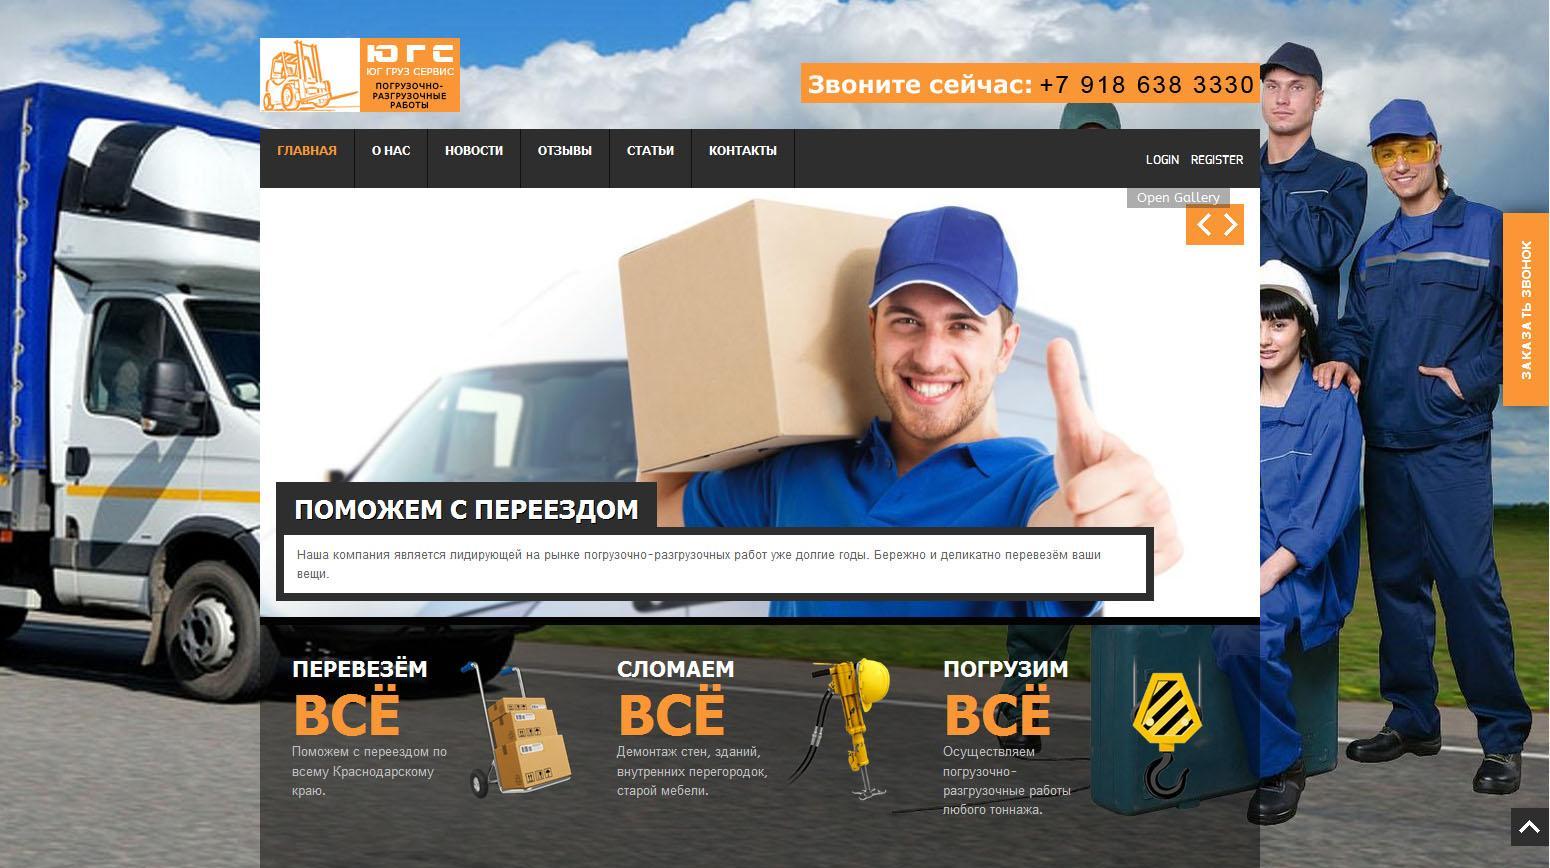 инвестиционная компания кристалл геленджик официальный сайт